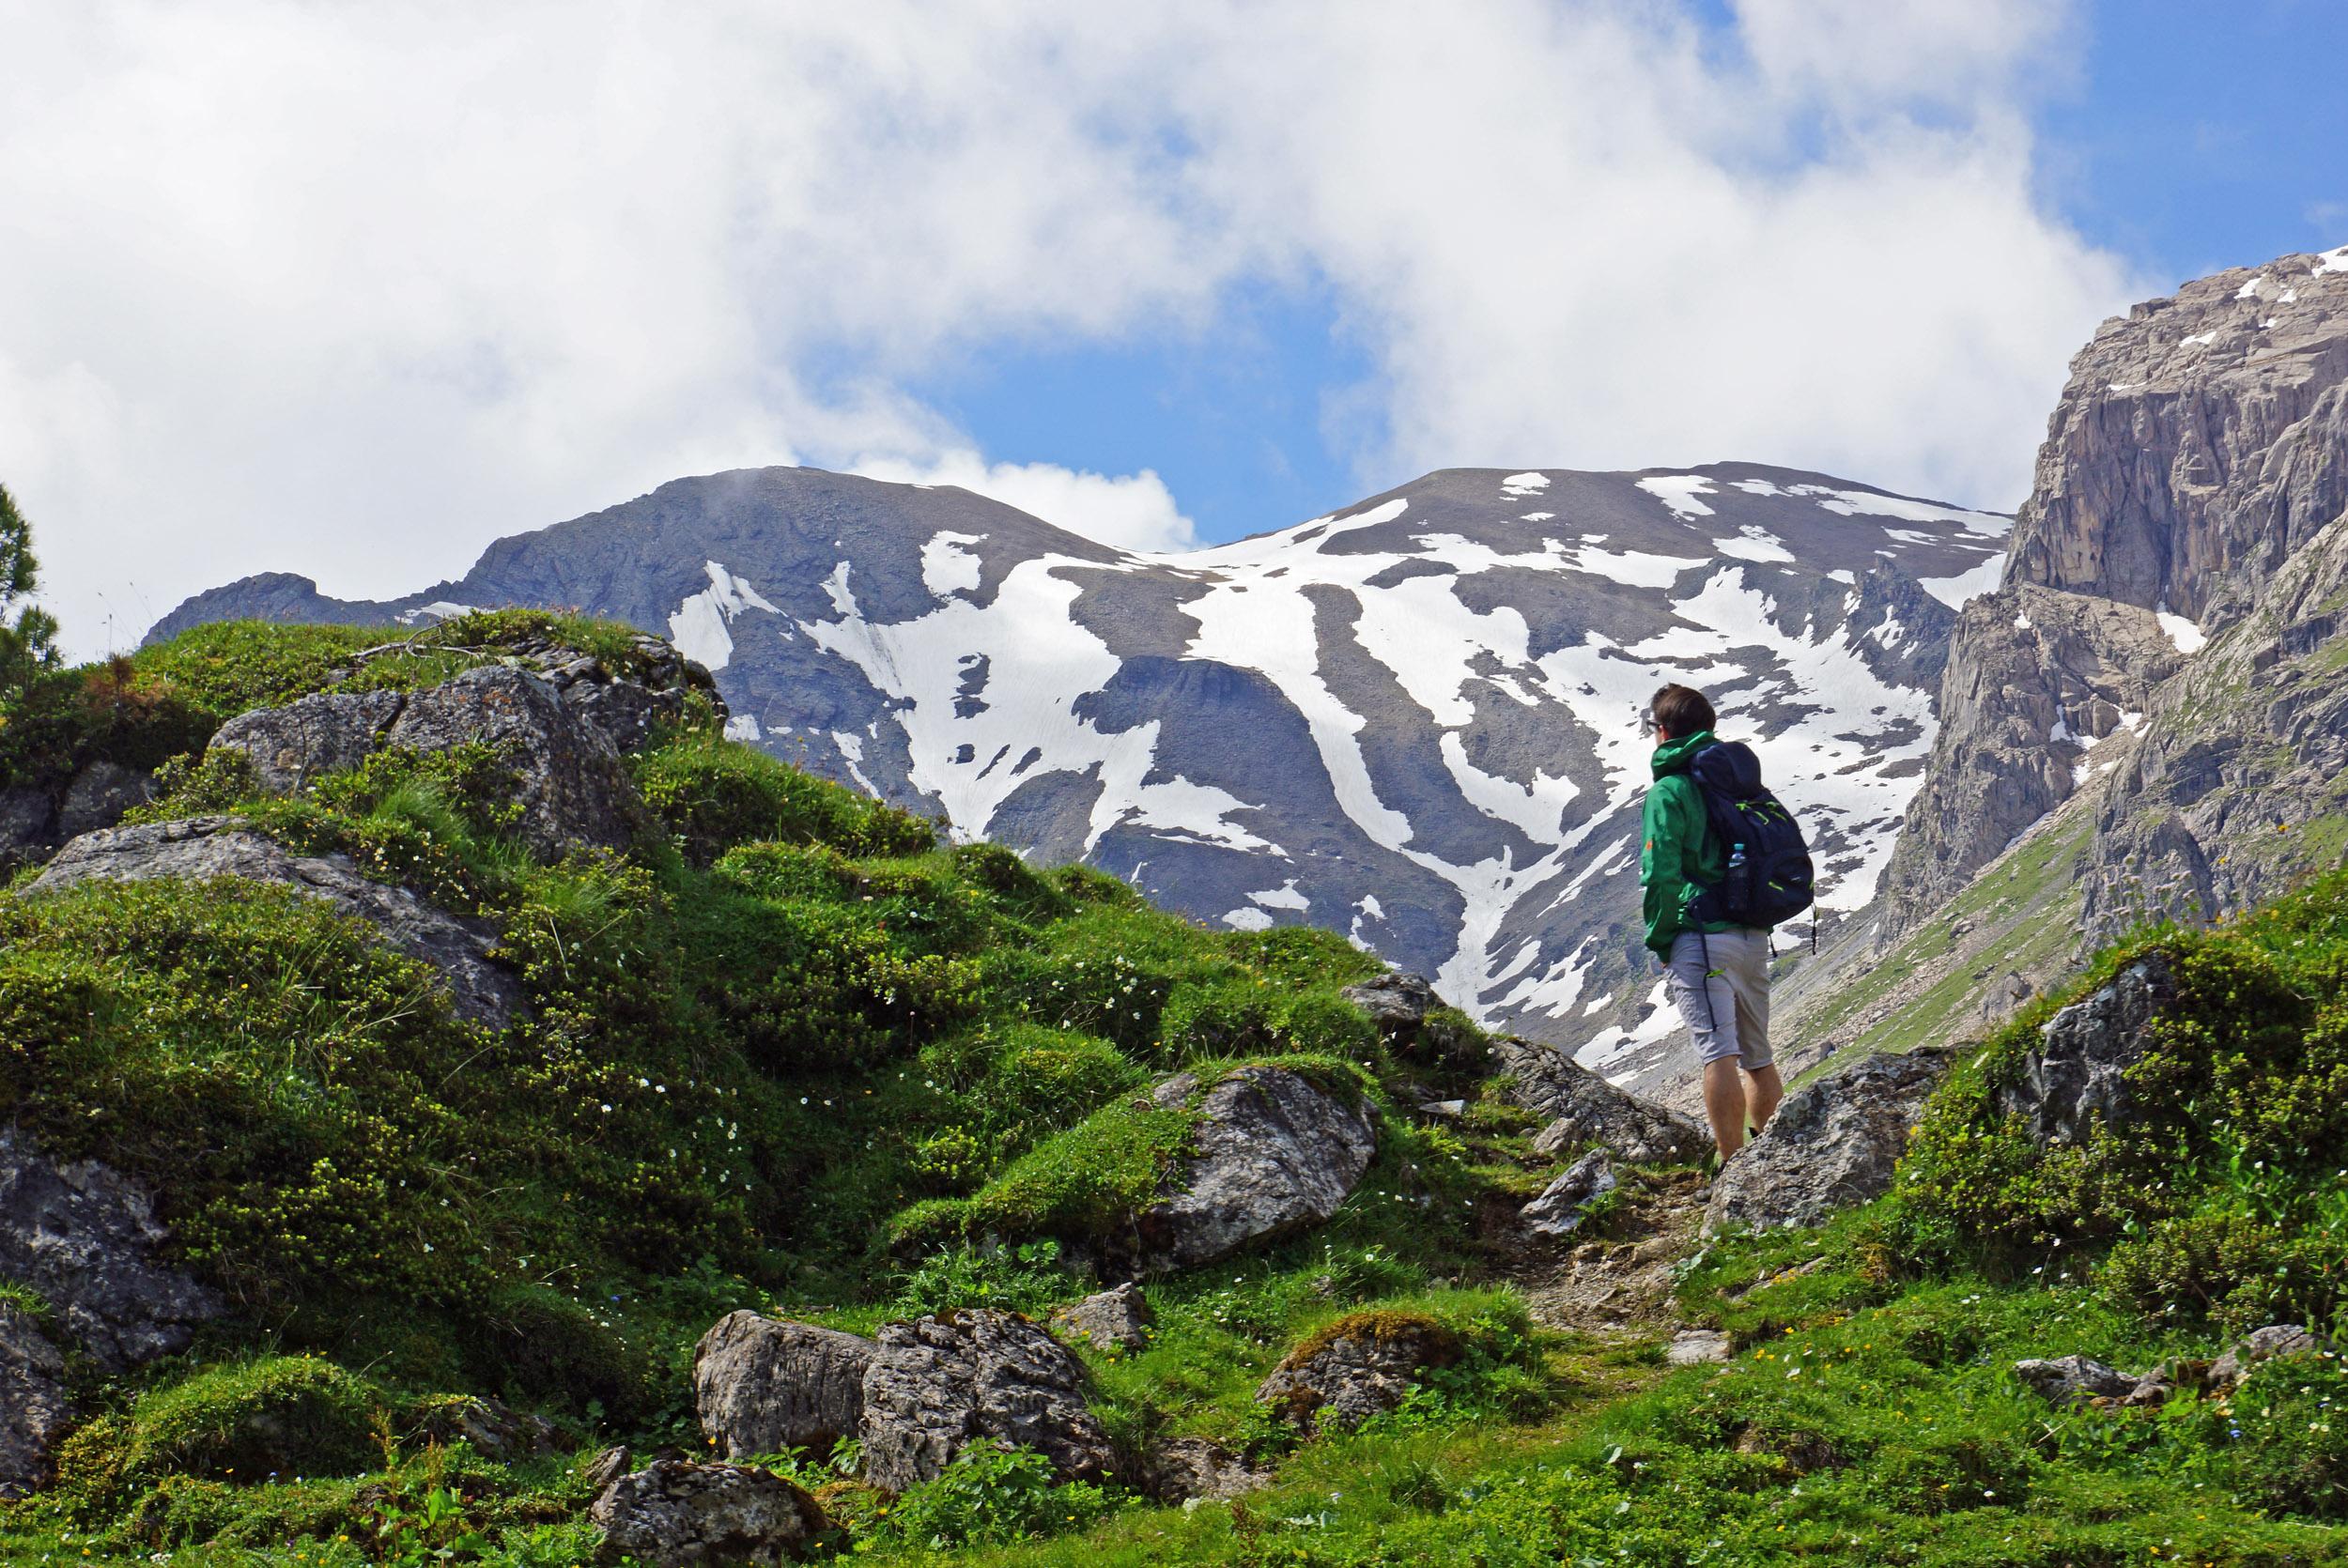 Bergkäse & Almrosen: Auf Entdeckungstour in der Wattener Lizum